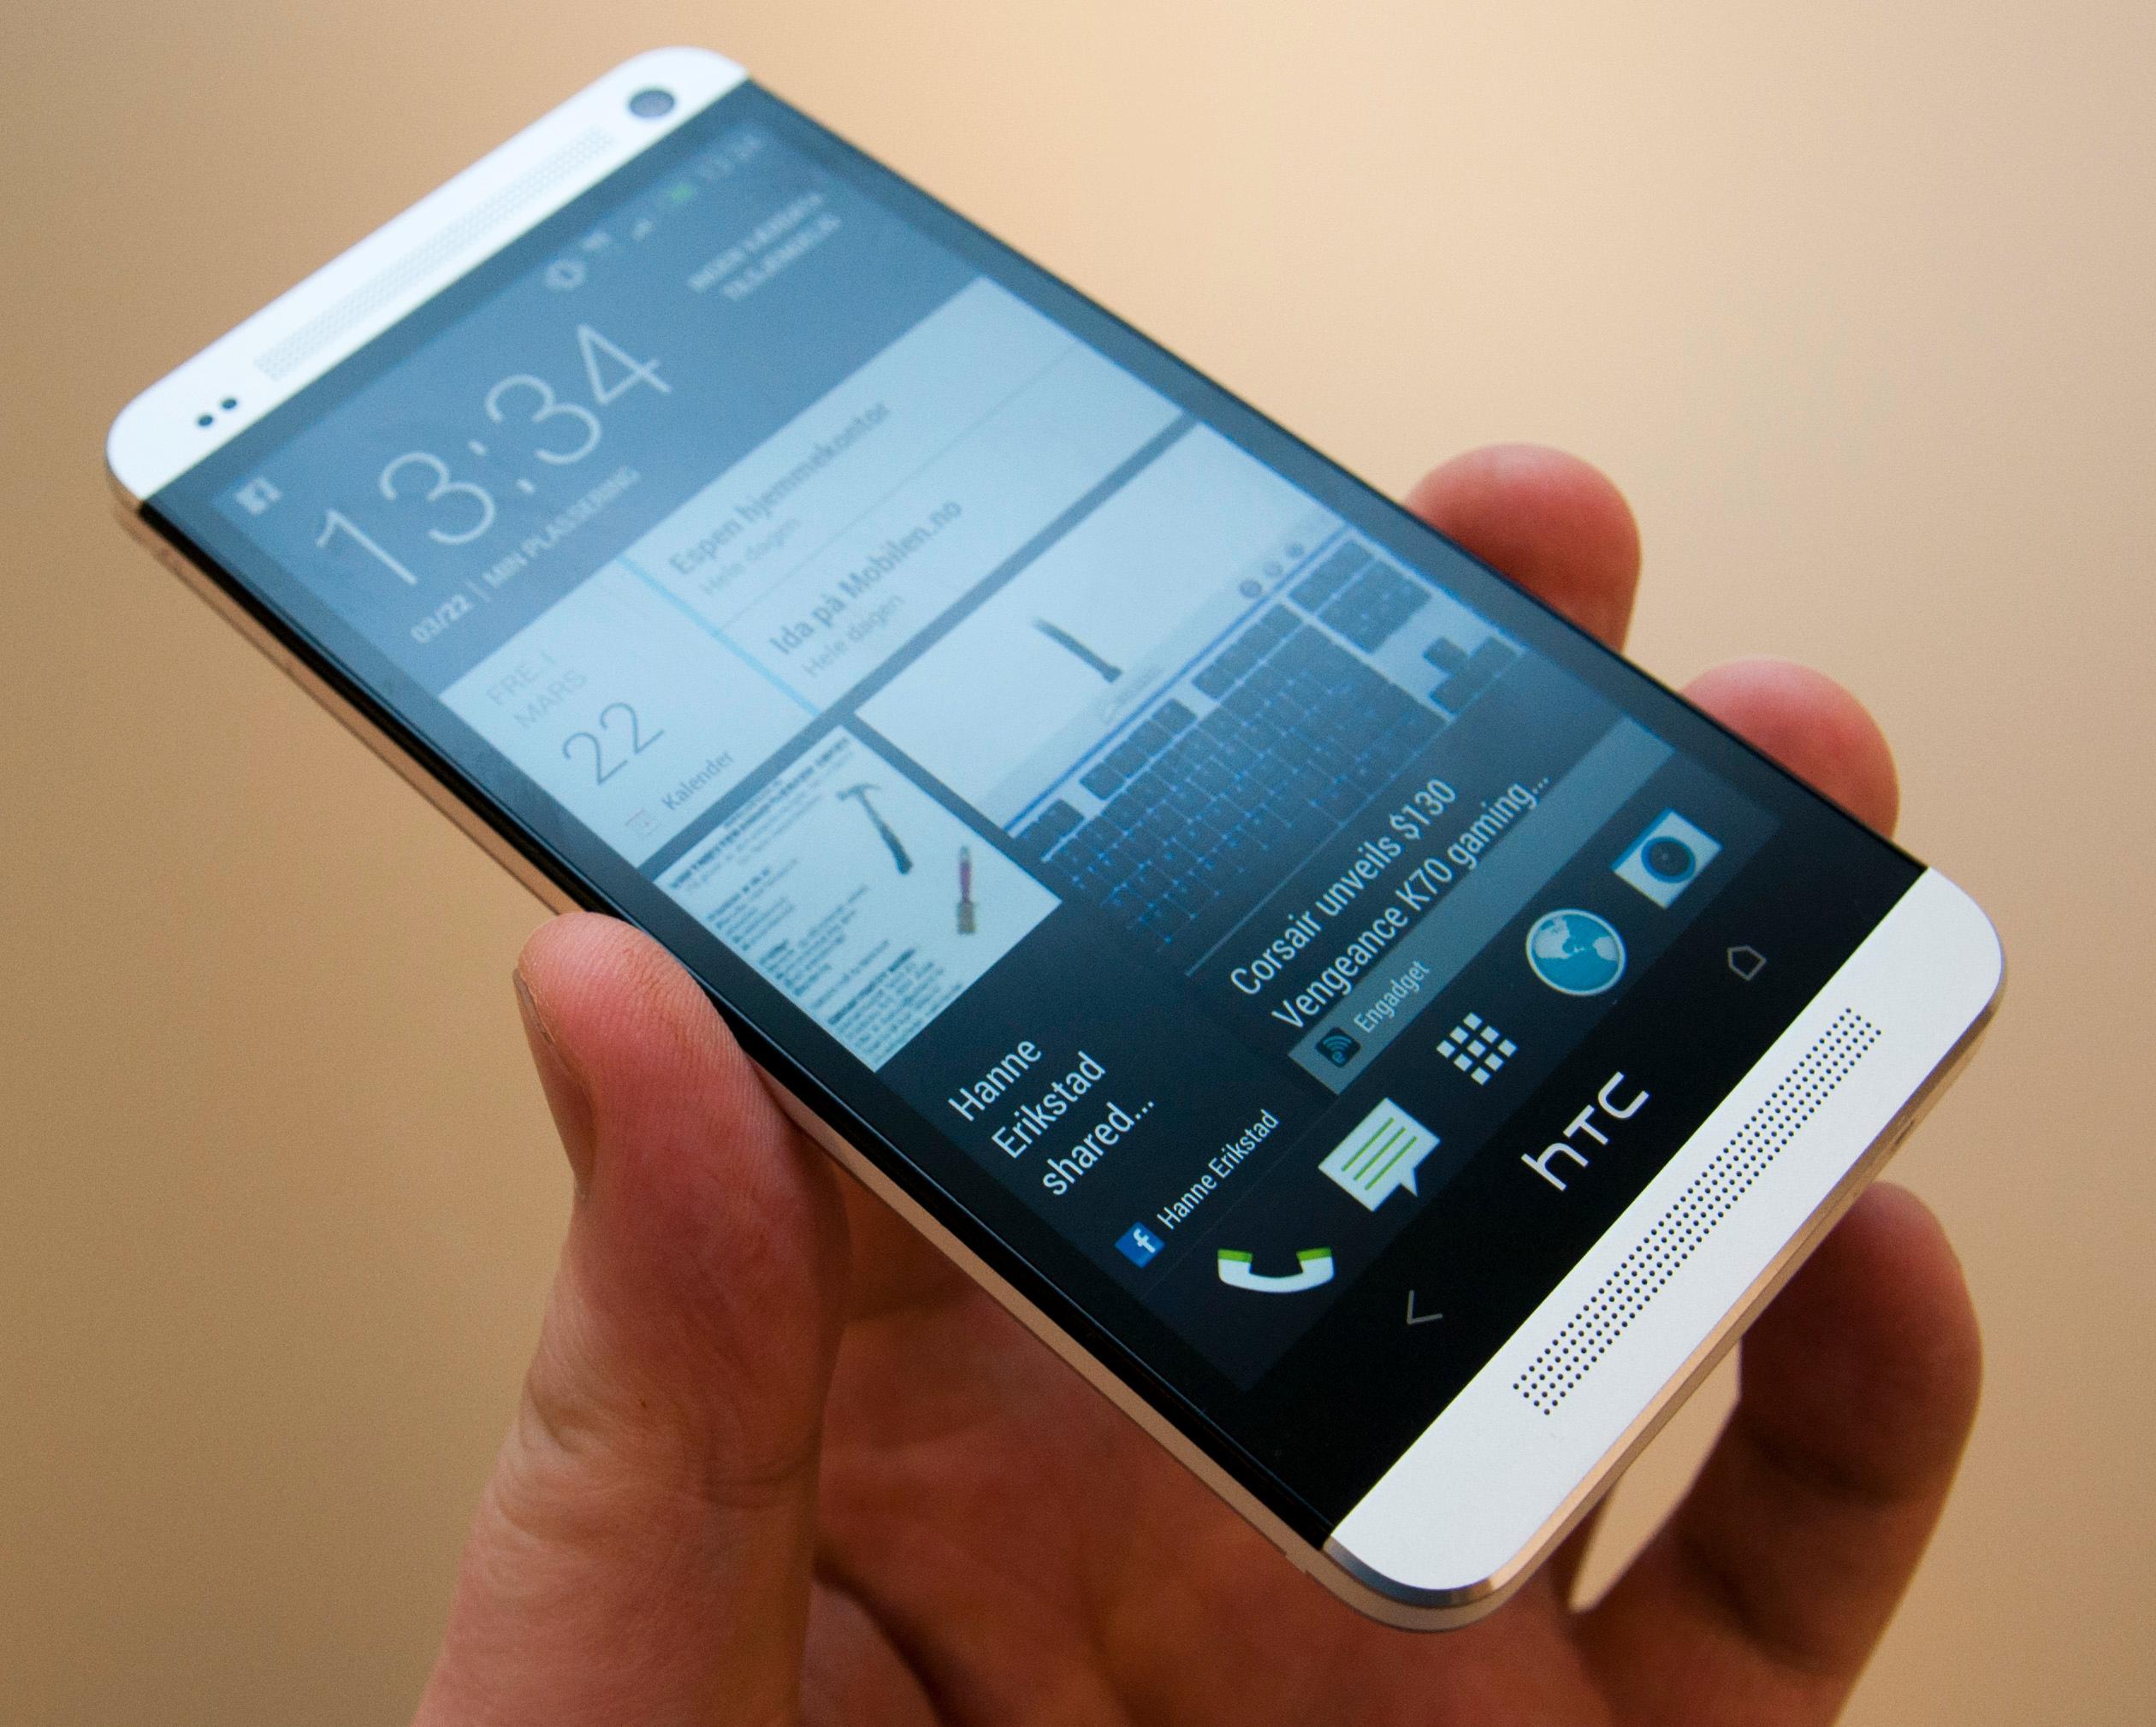 HTC One er sannsynligvis den toppmodellen i år som har hatt best design, men den innledet også en ny trend ...Foto: Espen Irwing Swang, Amobil.no